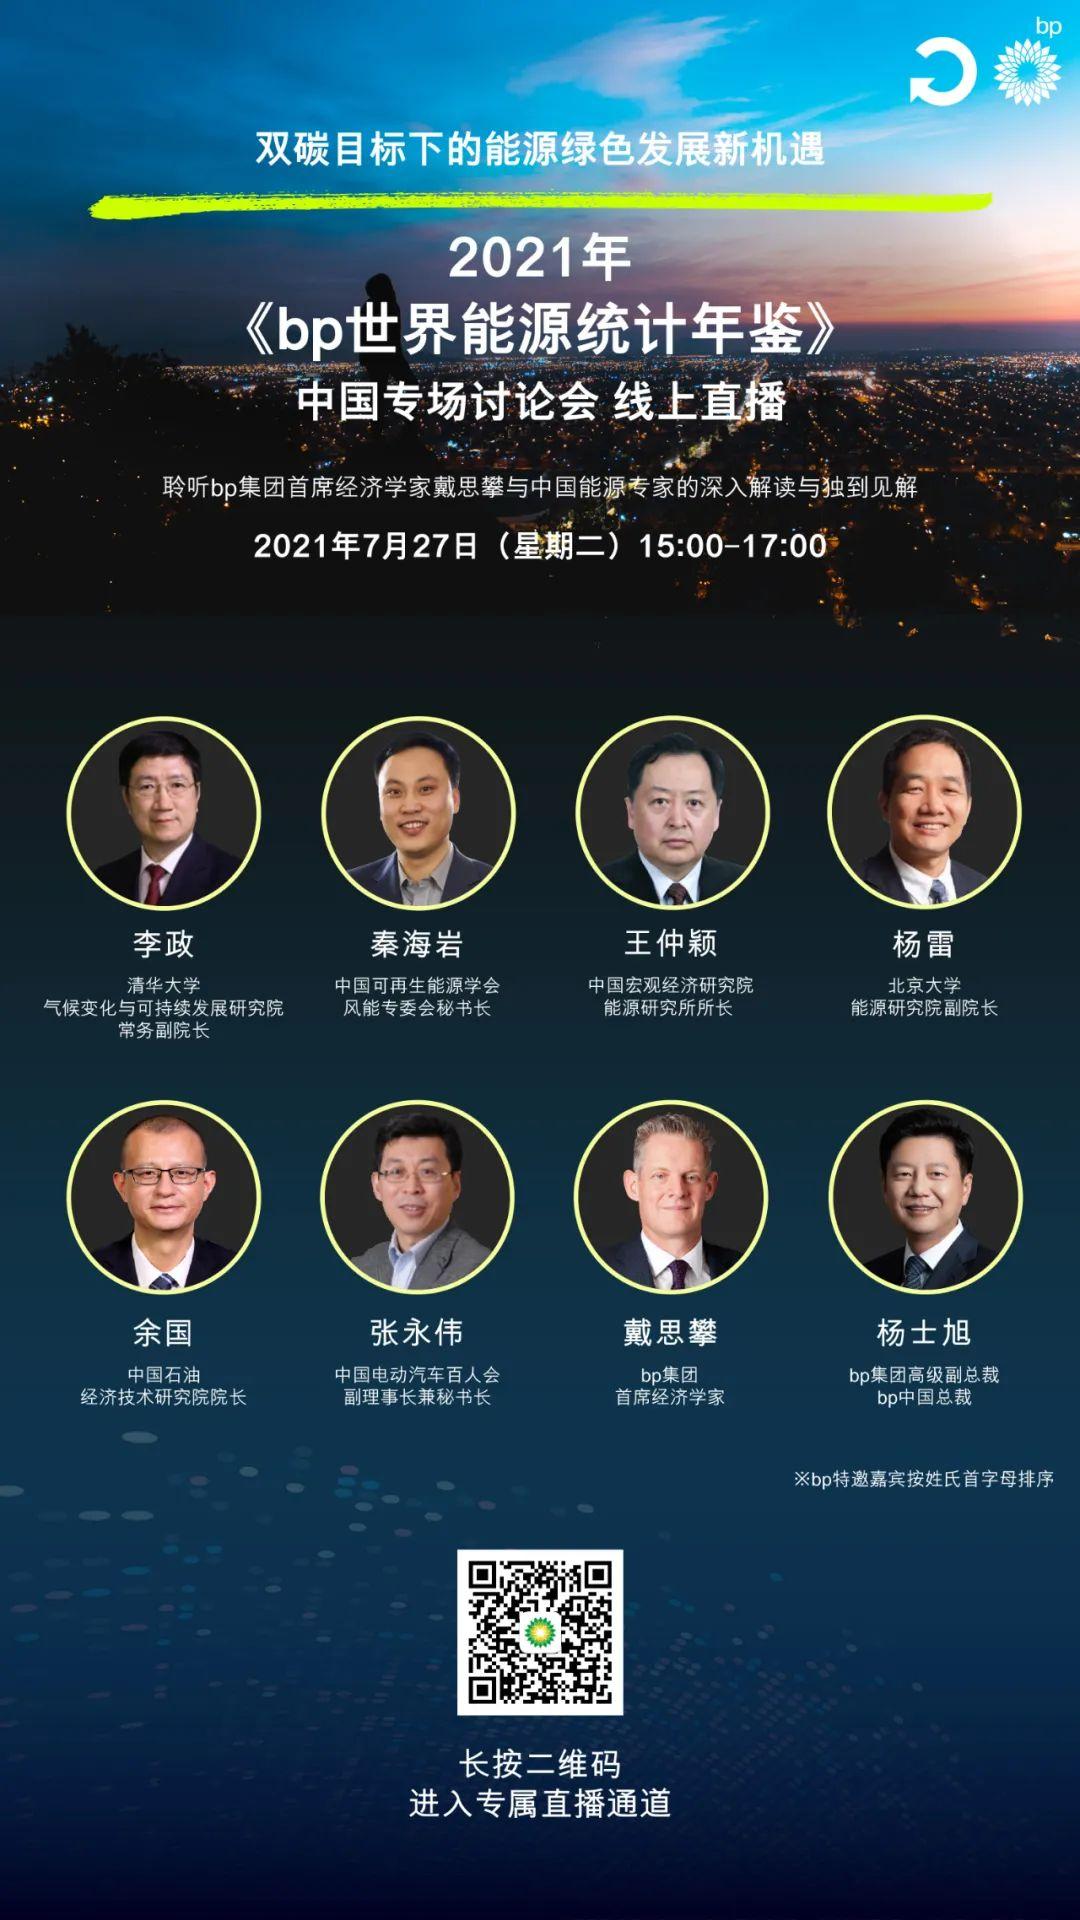 顶级能源专家即将直播:独家解读中国绿色能源产业发展新机遇